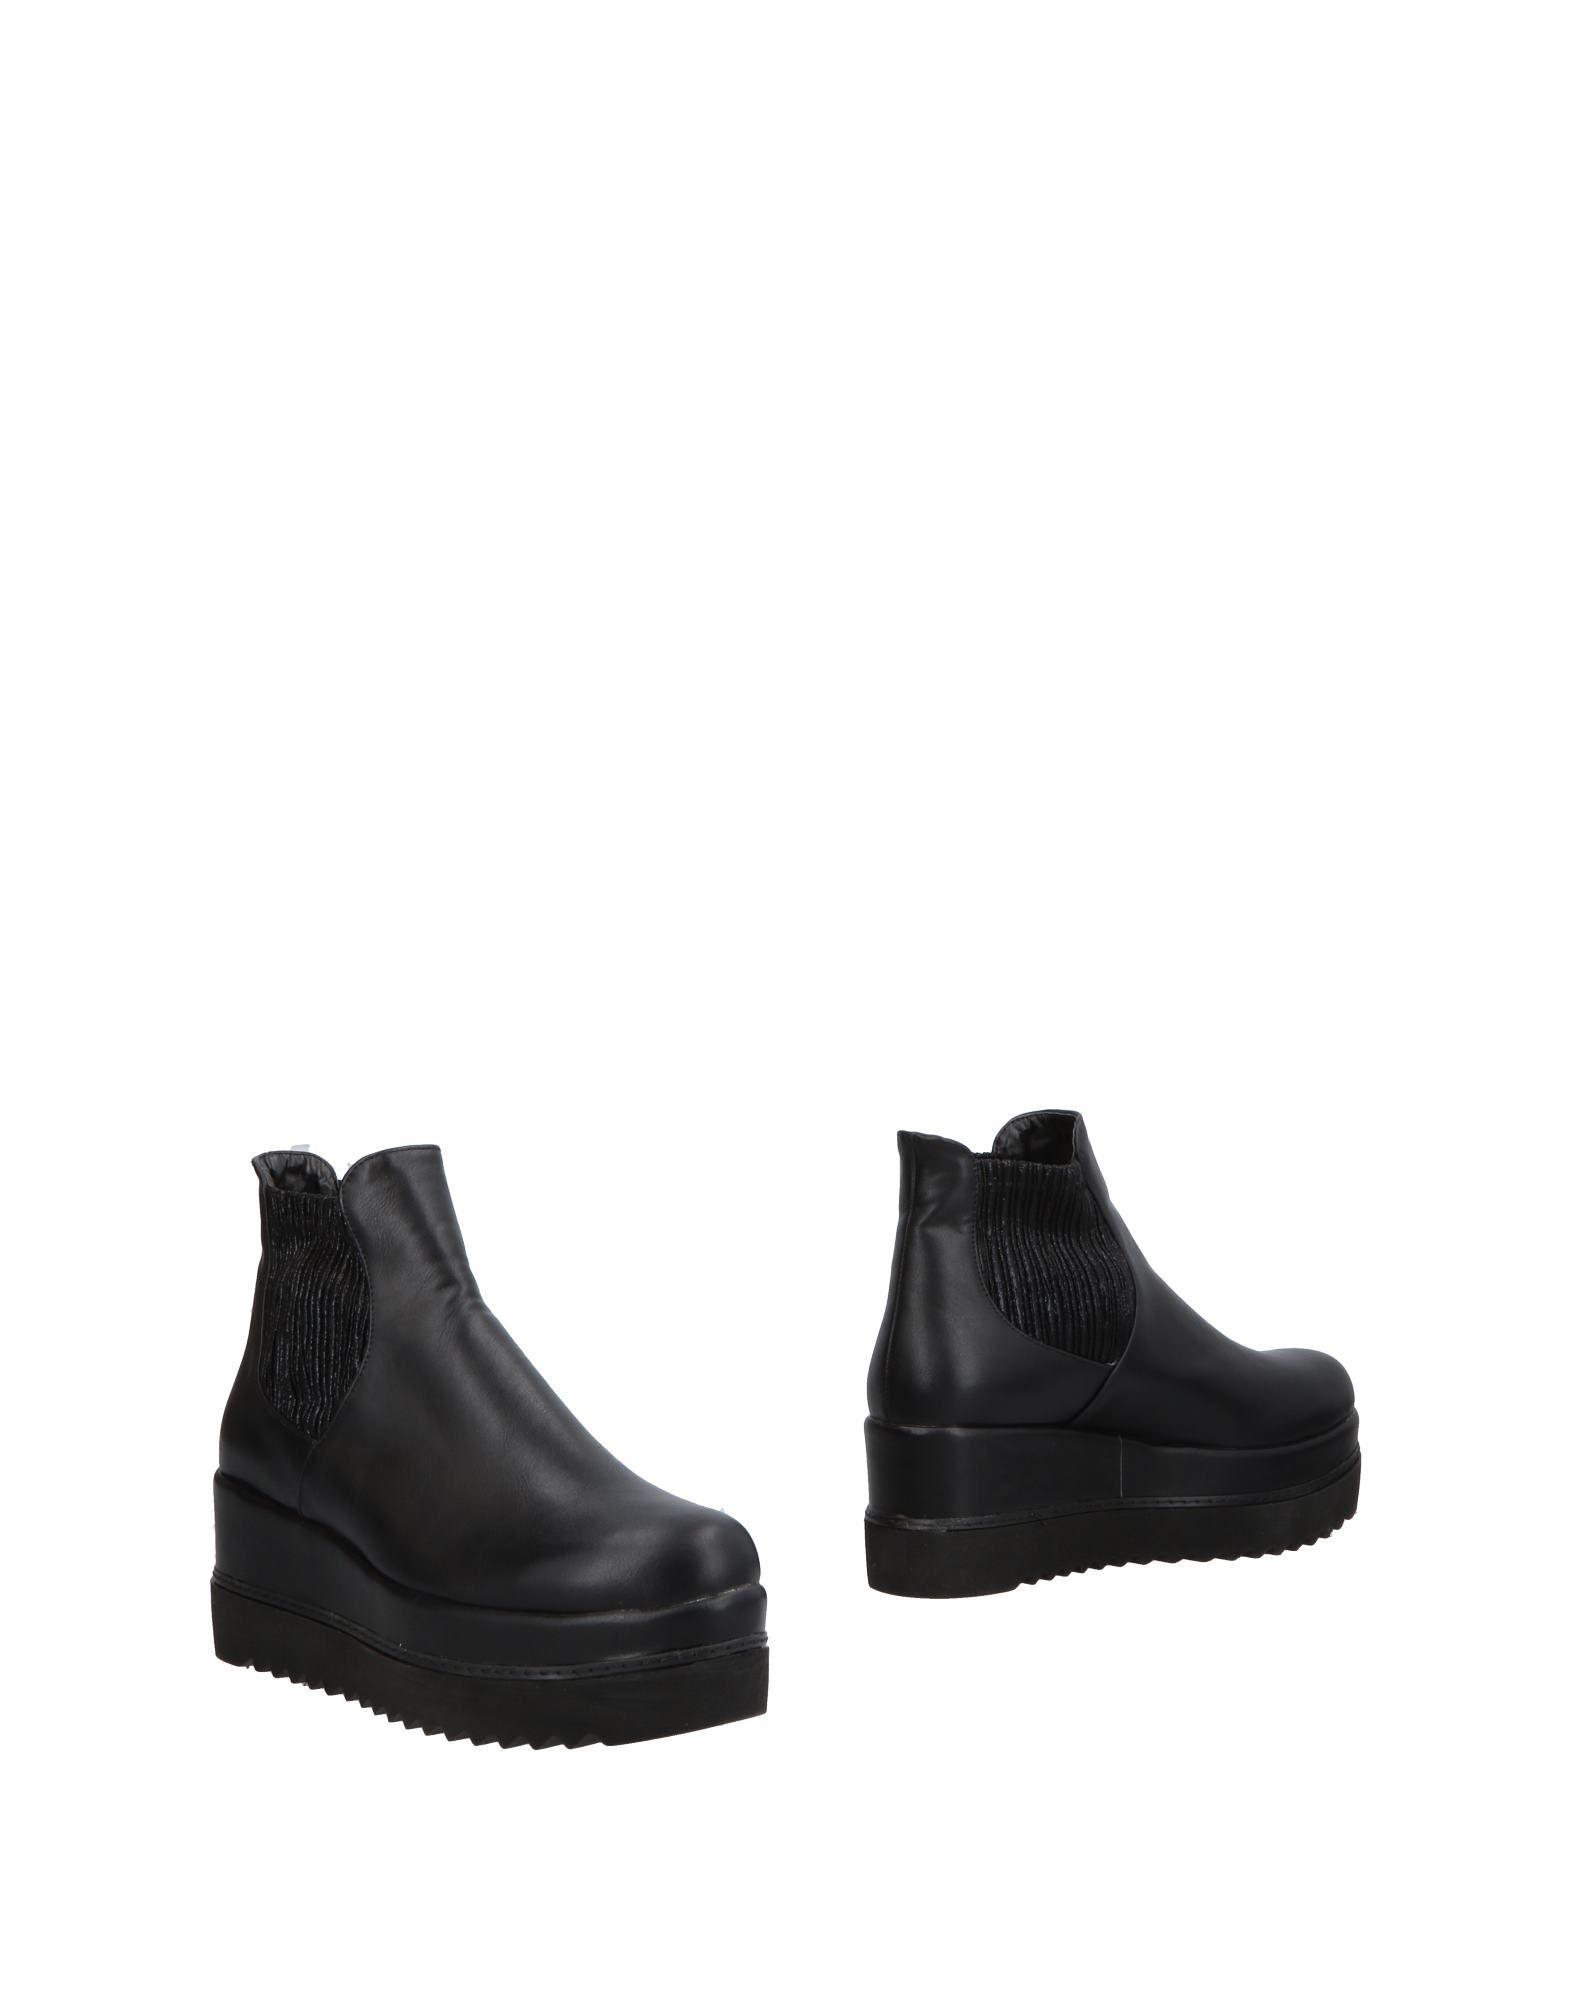 Police 883 Chelsea Boots Damen  11507300KK Gute beliebte Qualität beliebte Gute Schuhe bd08e2